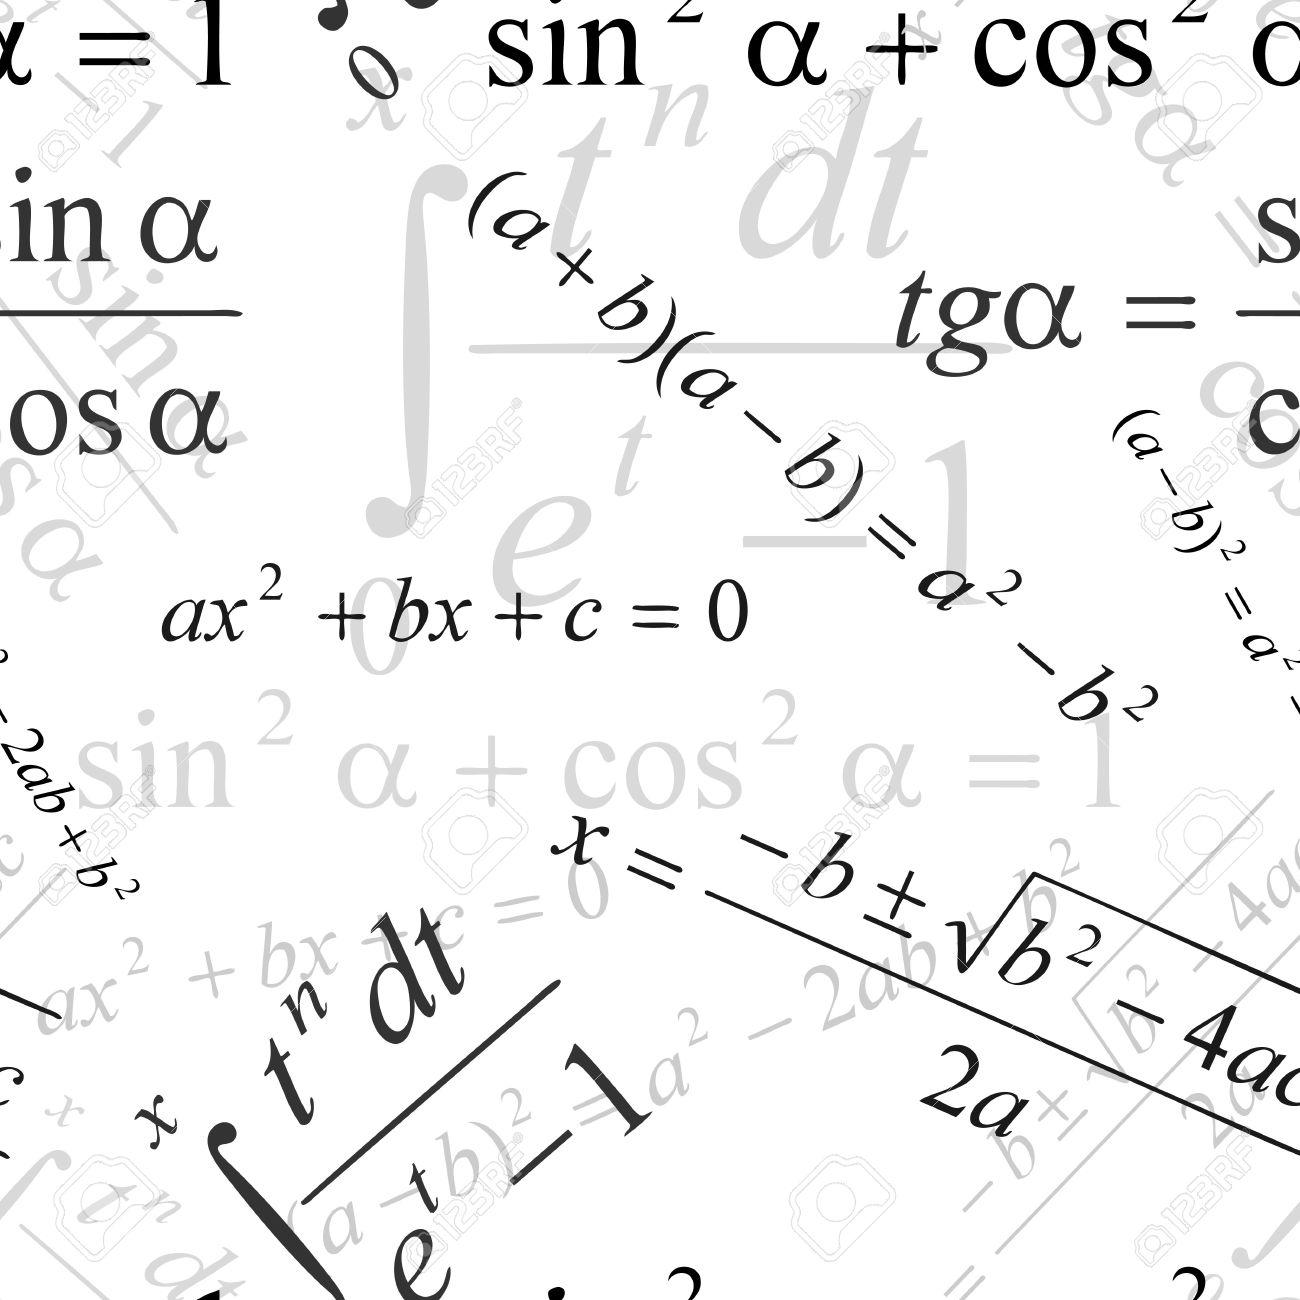 シームレス壁紙白の数式でのイラスト素材 ベクタ Image